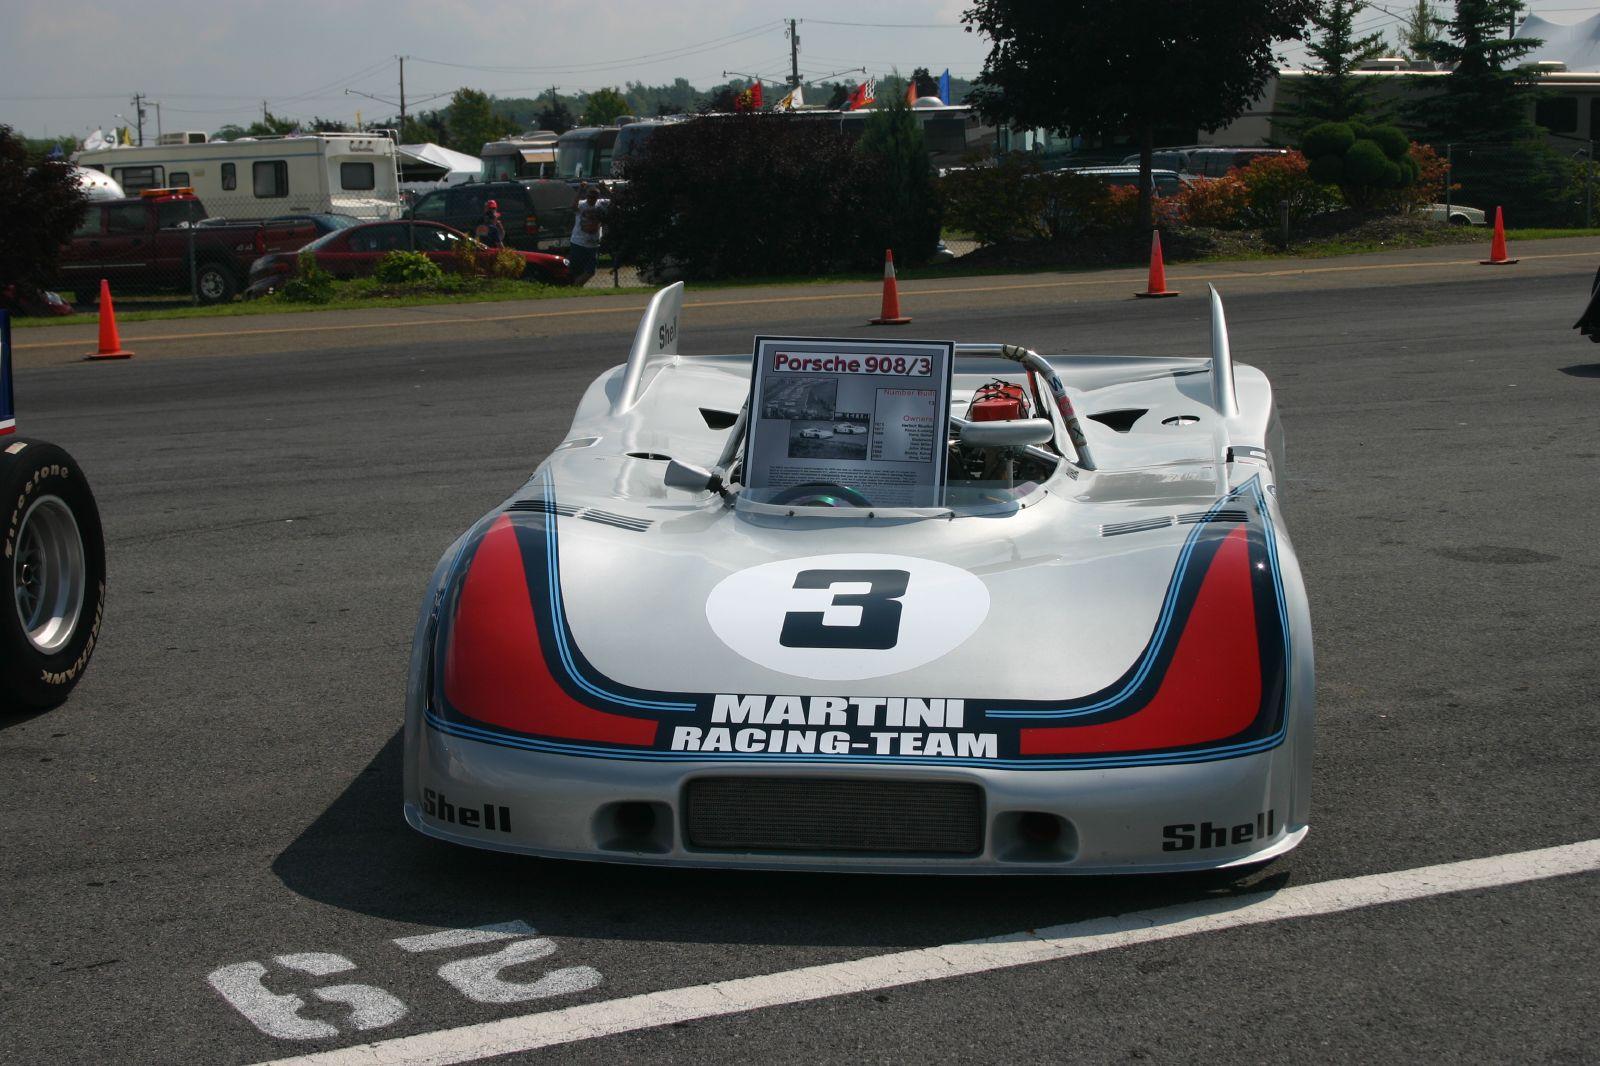 Porsche_908.3.jpg